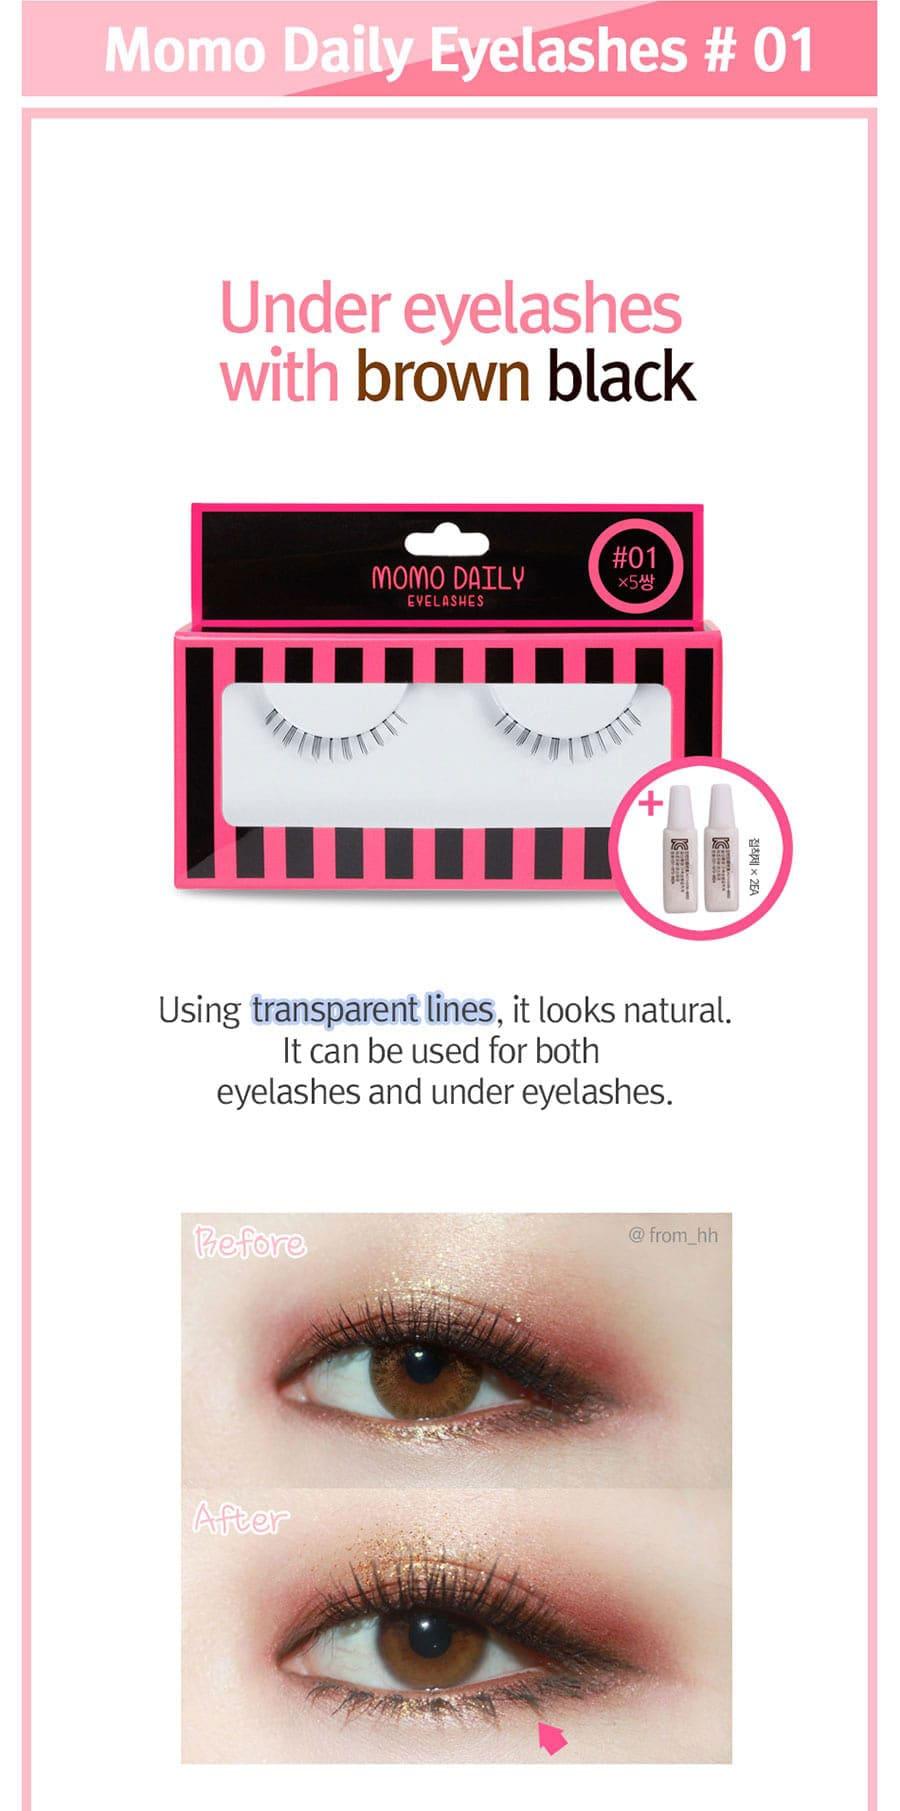 Momo Daily Eyelashes - Type